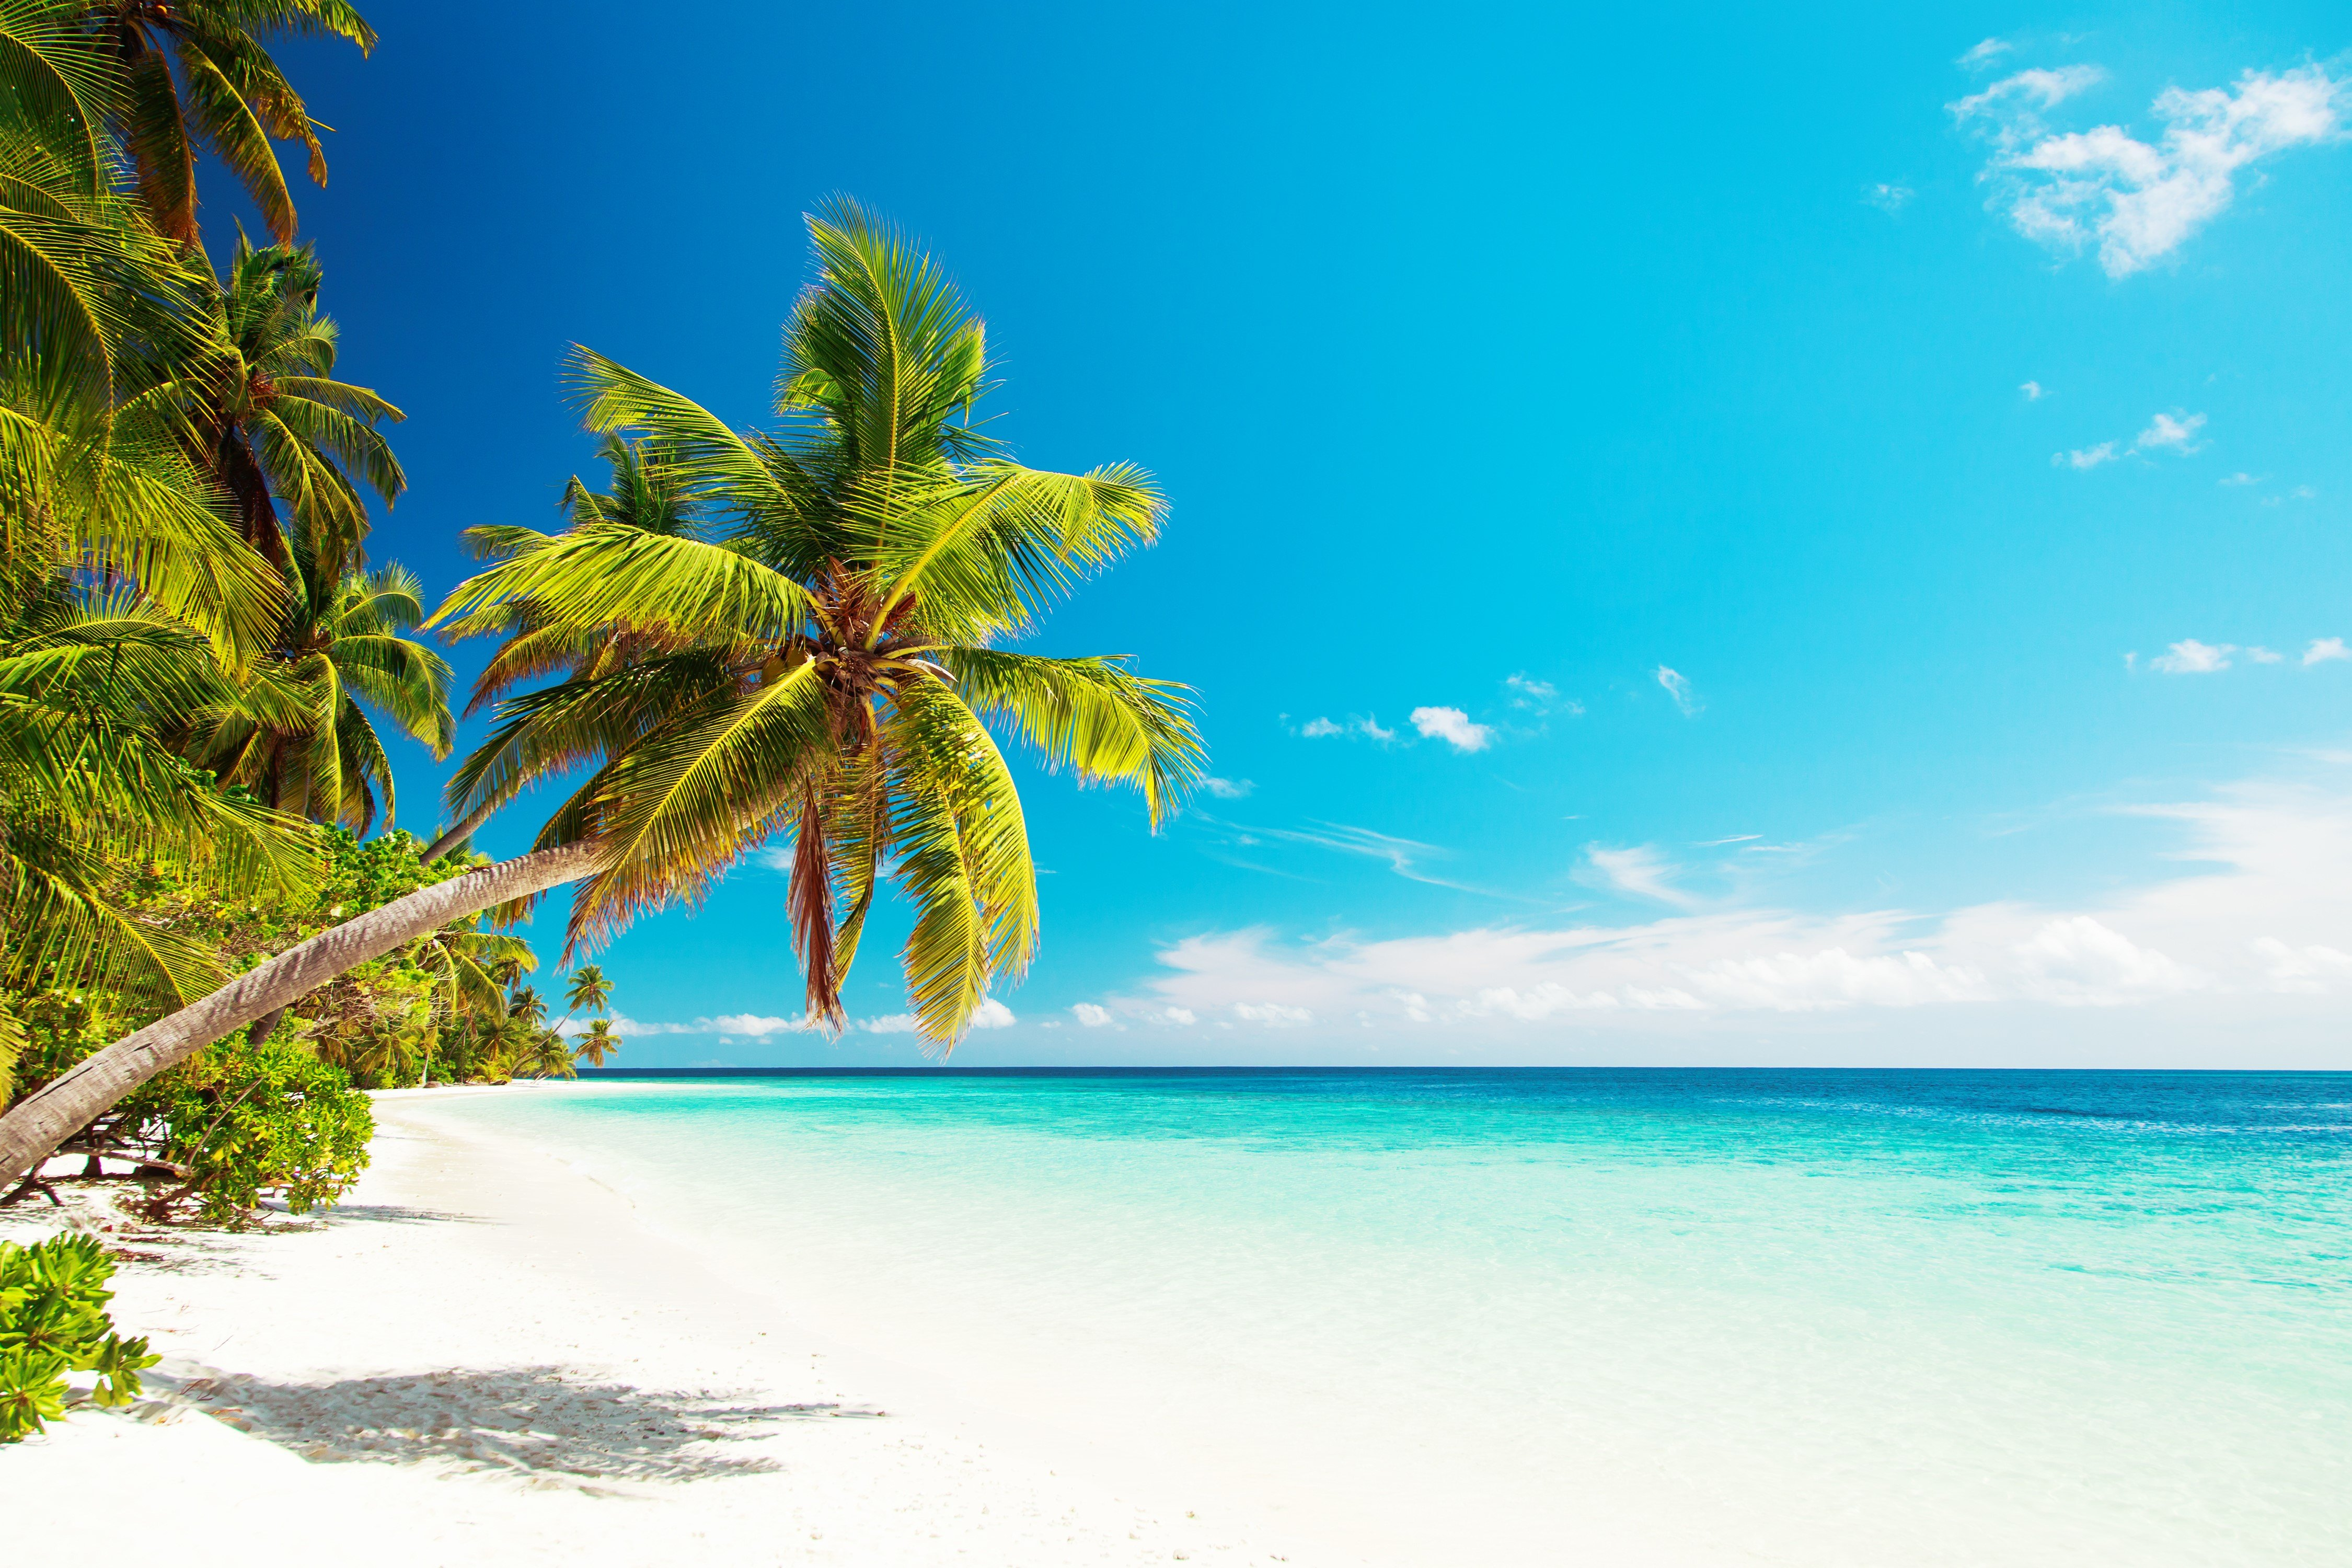 Vacanza nell'atollo di Malé Sud, nel paradiso delle Maldive